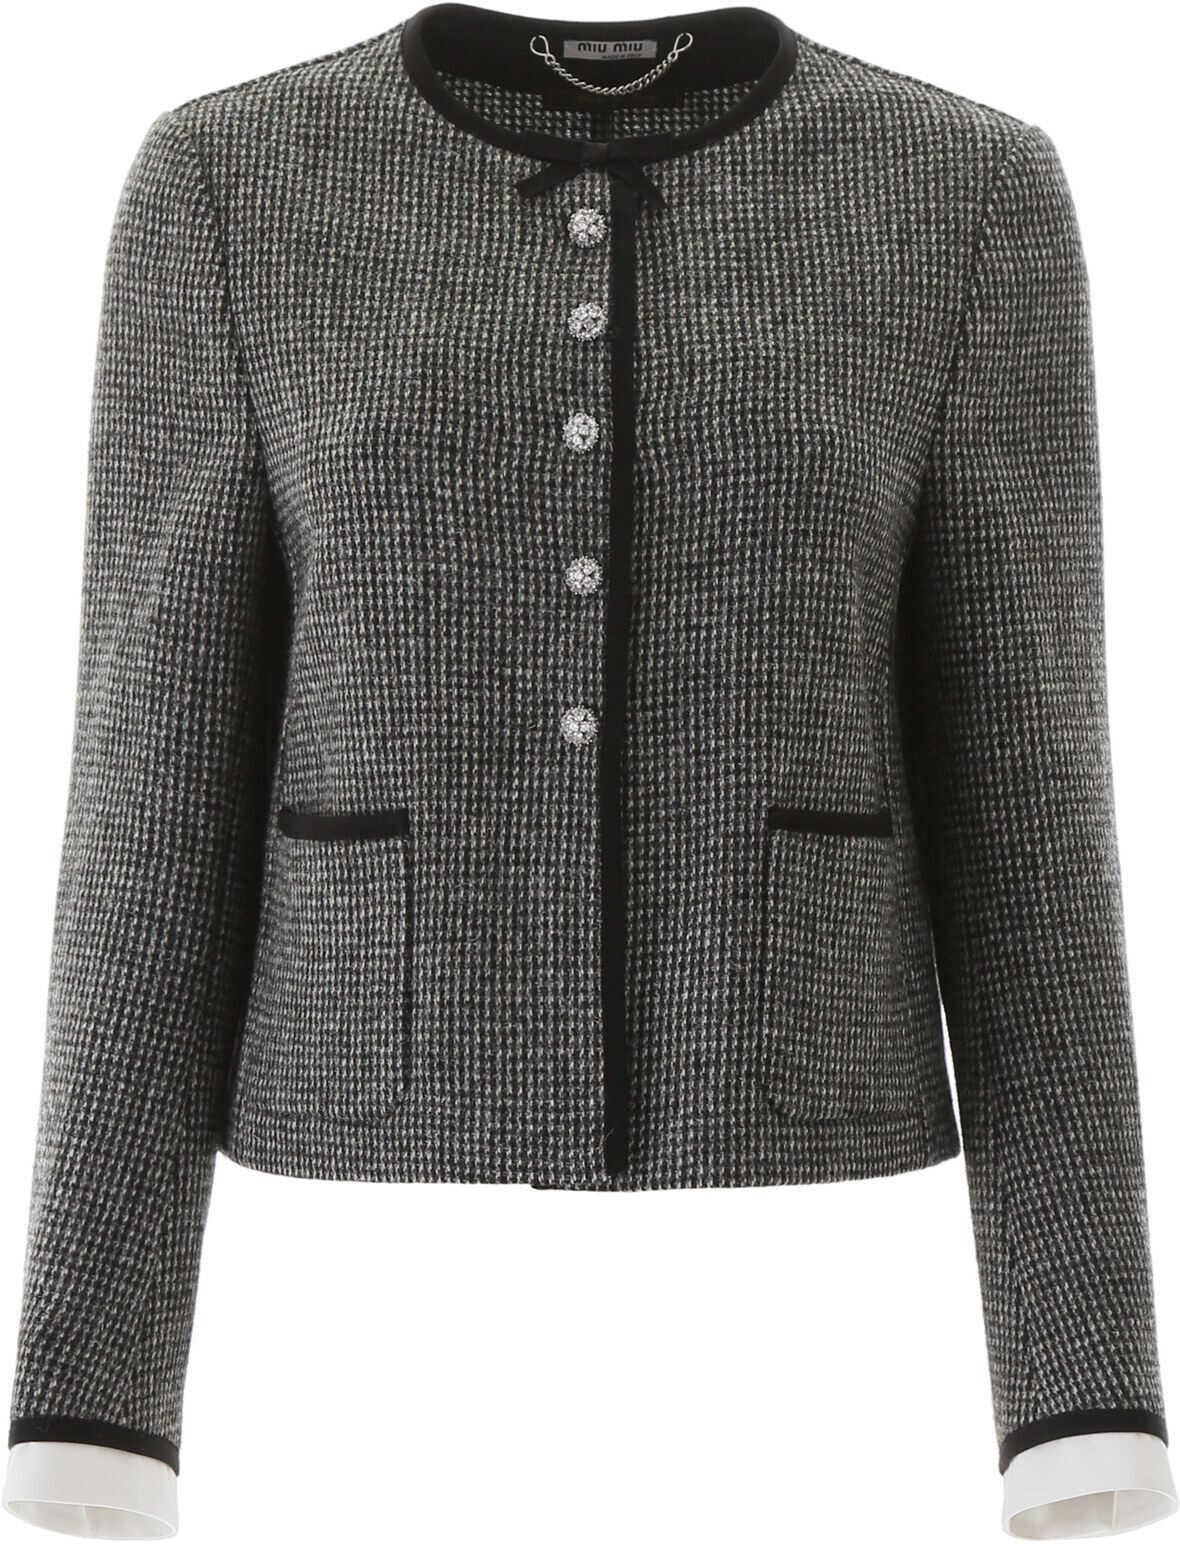 Miu Miu Shetland Tweed Jacket ARDESIA